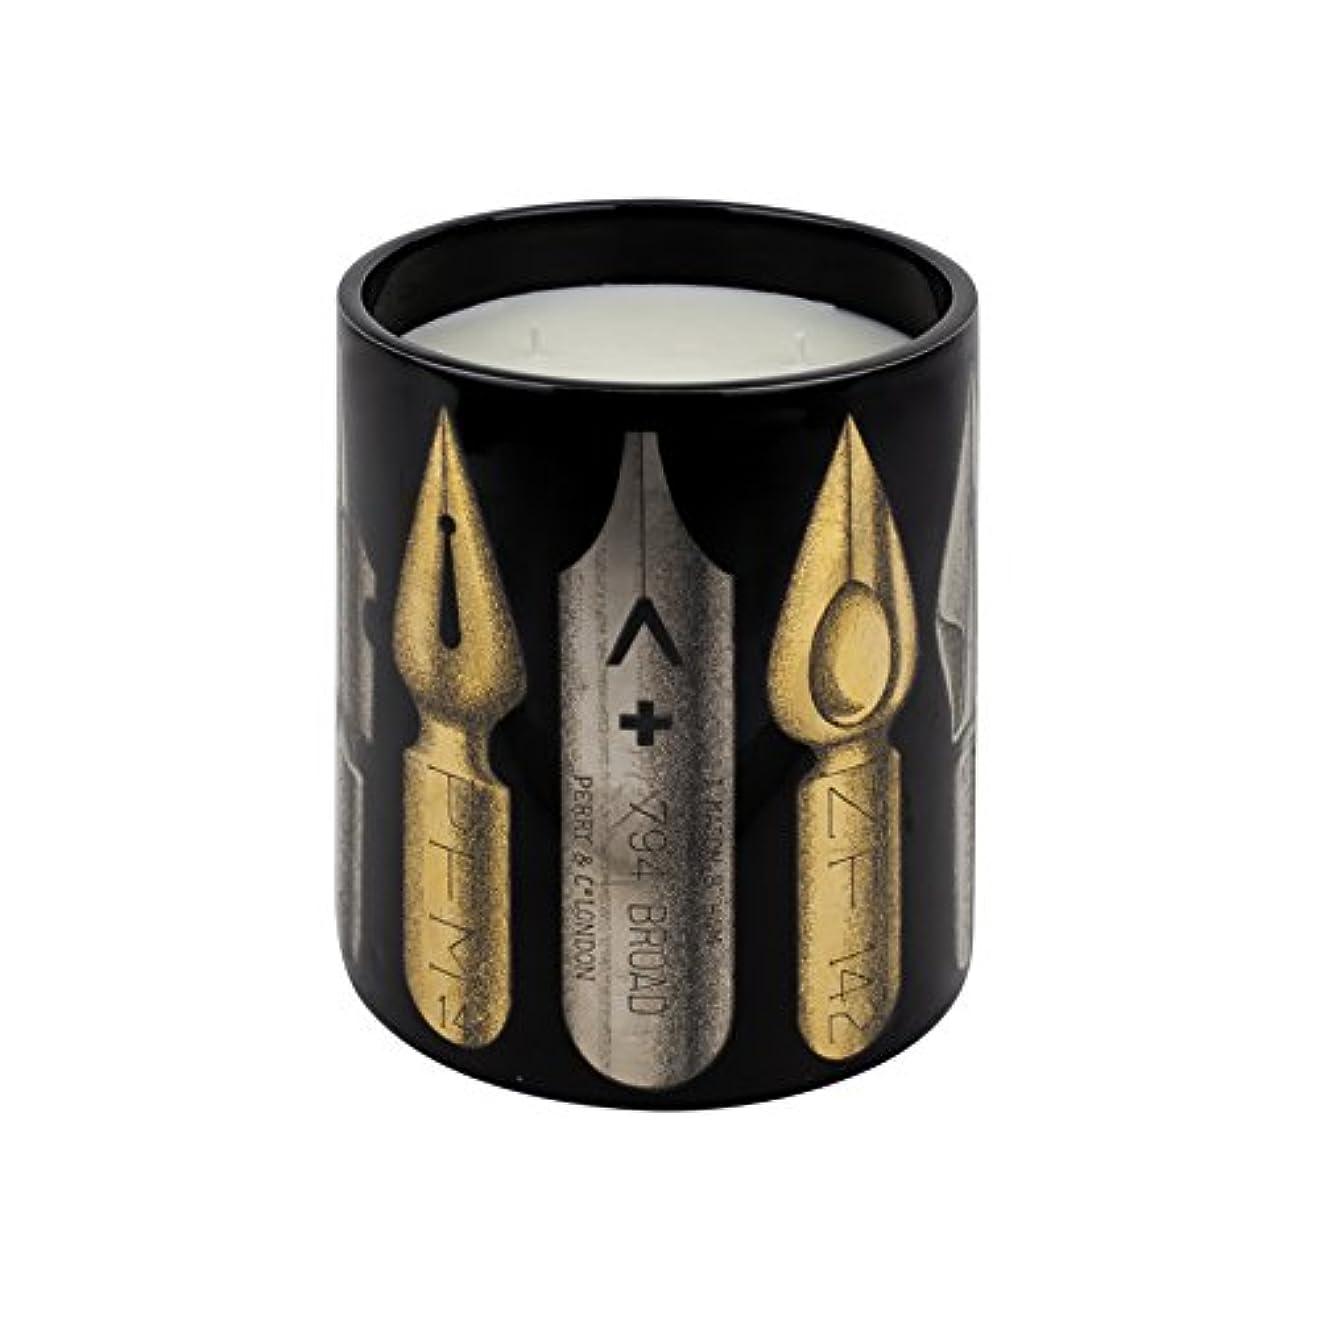 クローゼットジェム振り子Fornasetti PENNINI Nero Large Scented Candle、1.9 KG(1900g)